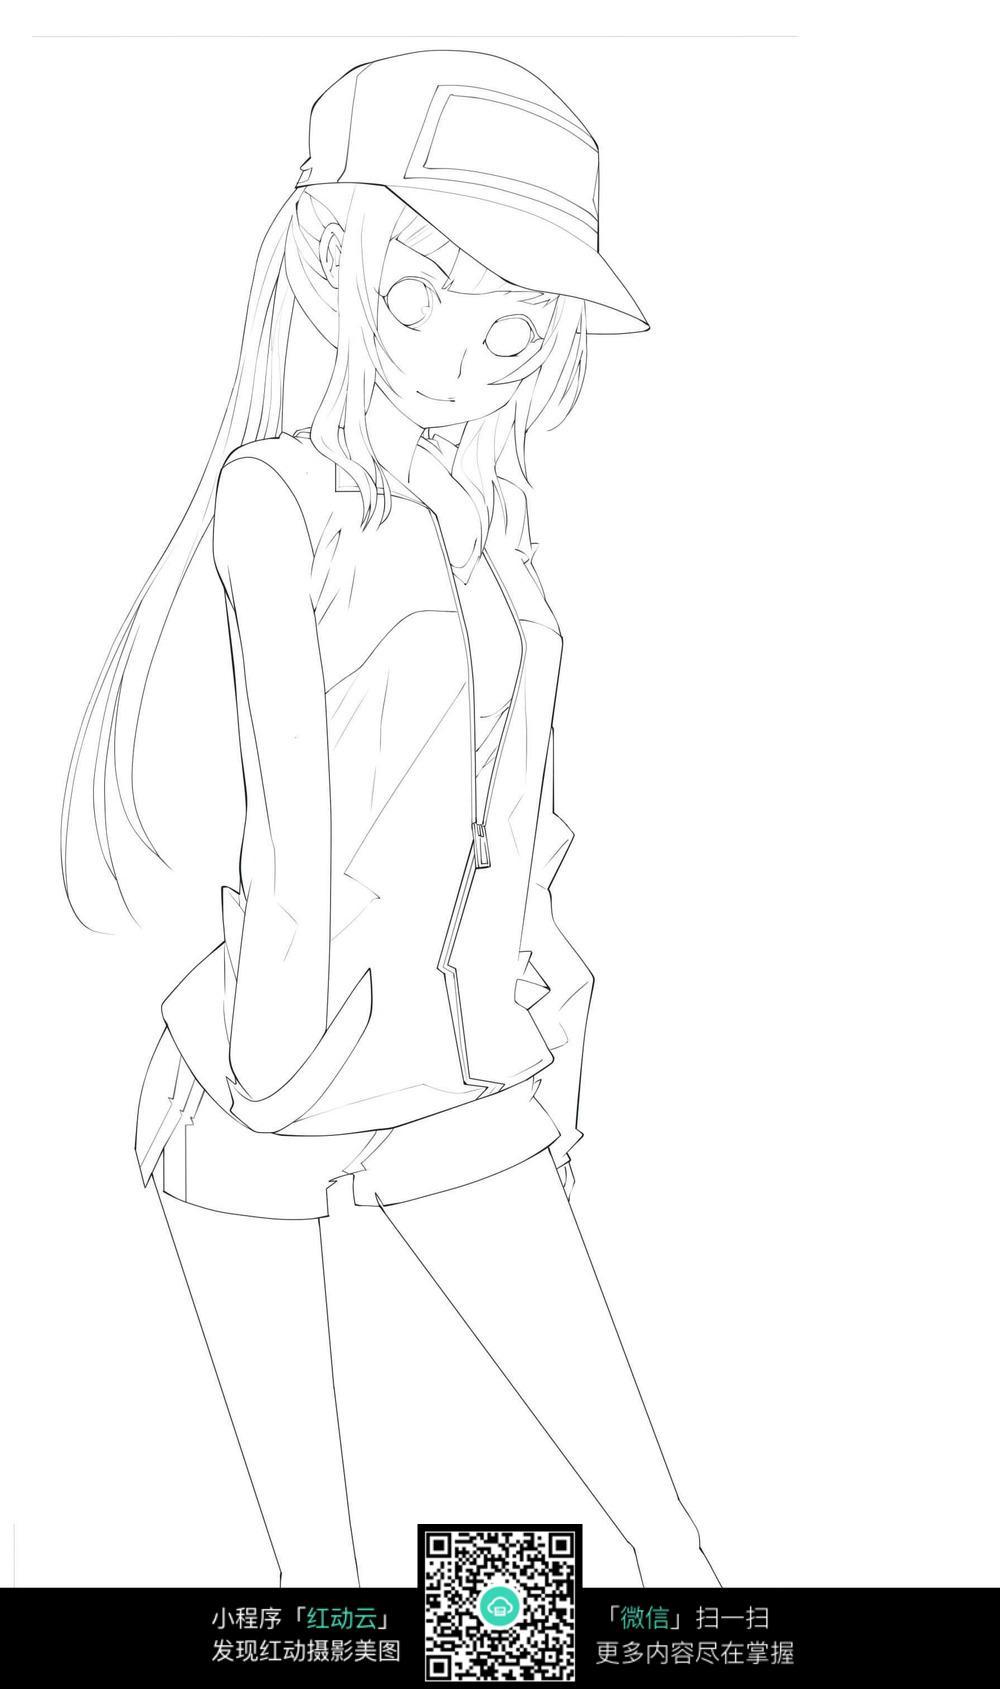 戴帽子的女孩 卡通手绘线稿图片